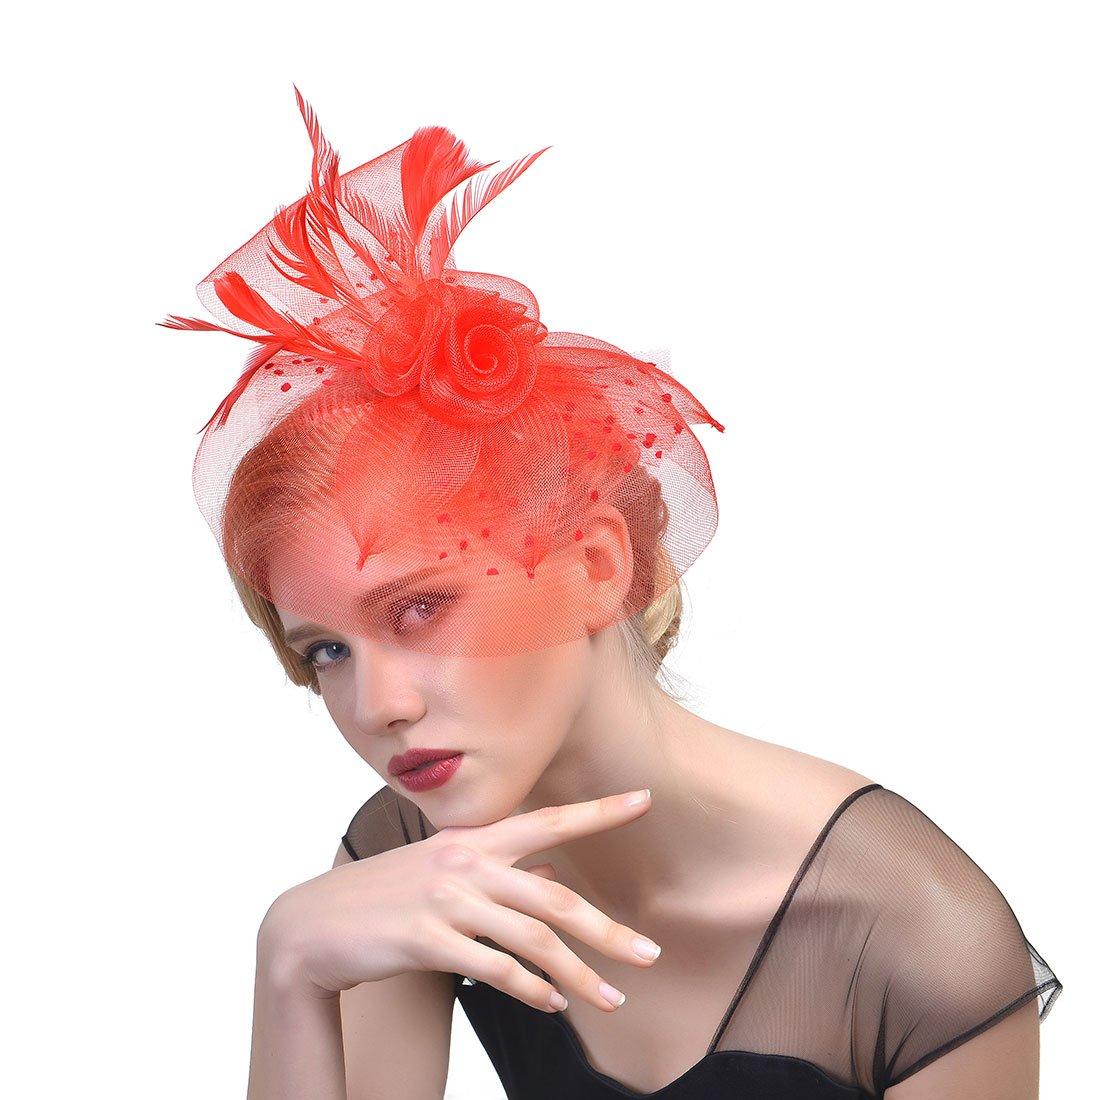 dressfan Élégant Fleur Polka Dot Circulaire Maille Net Voile Fascinator Cheveux Clip Bandeau Chapeau De Mariage Cocktail MANYU HEADBAND14